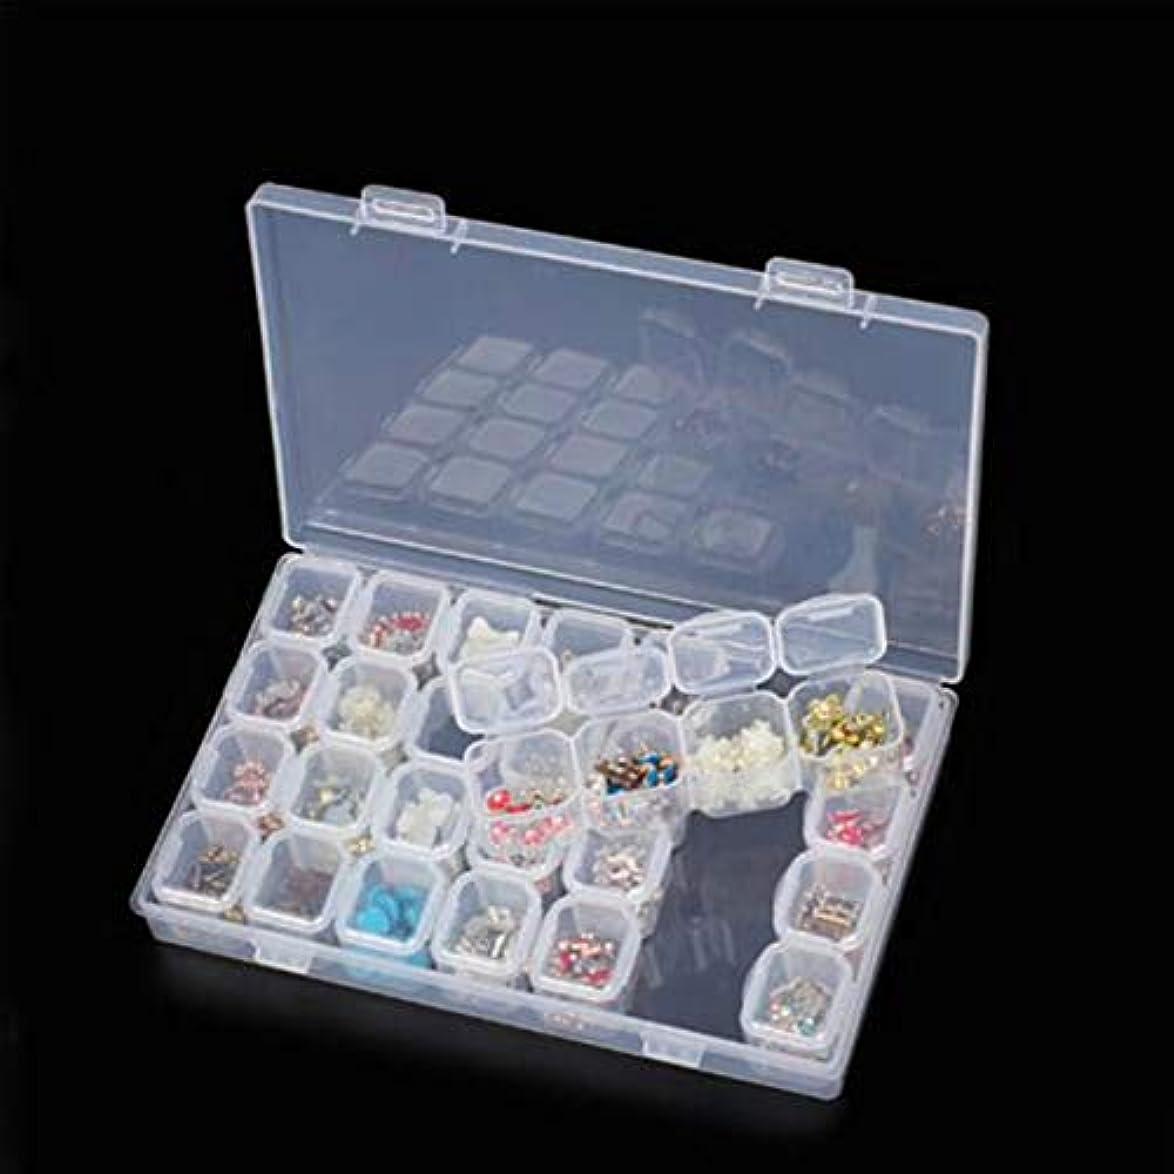 インカ帝国友情品28スロットプラスチック収納ボックスボックスダイヤモンド塗装キットネールアートラインツールズ収納収納ボックスケースオーガナイザーホルダー(透明)